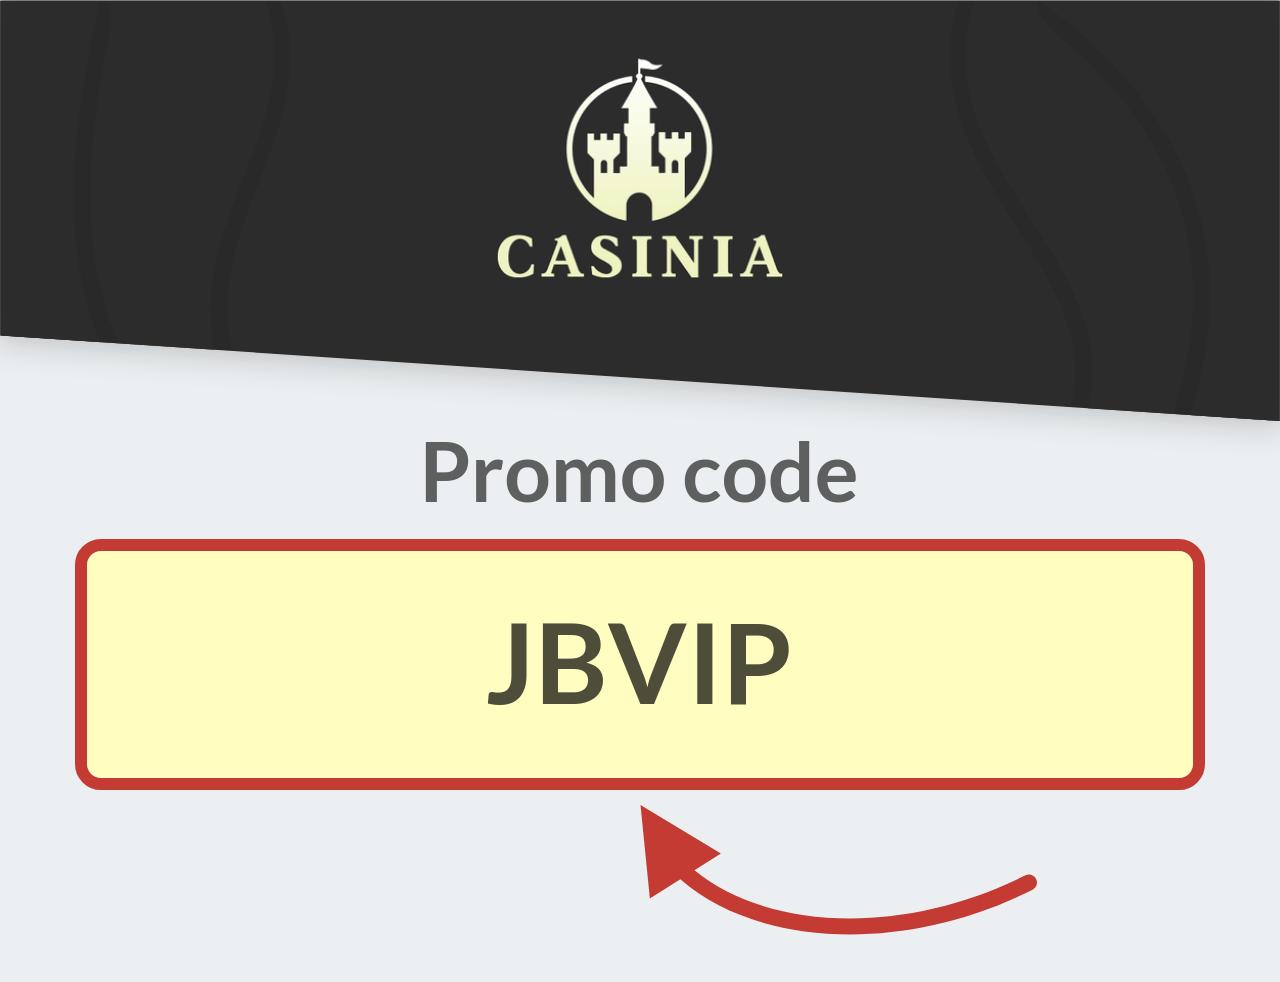 Casinia Casino Promo Code